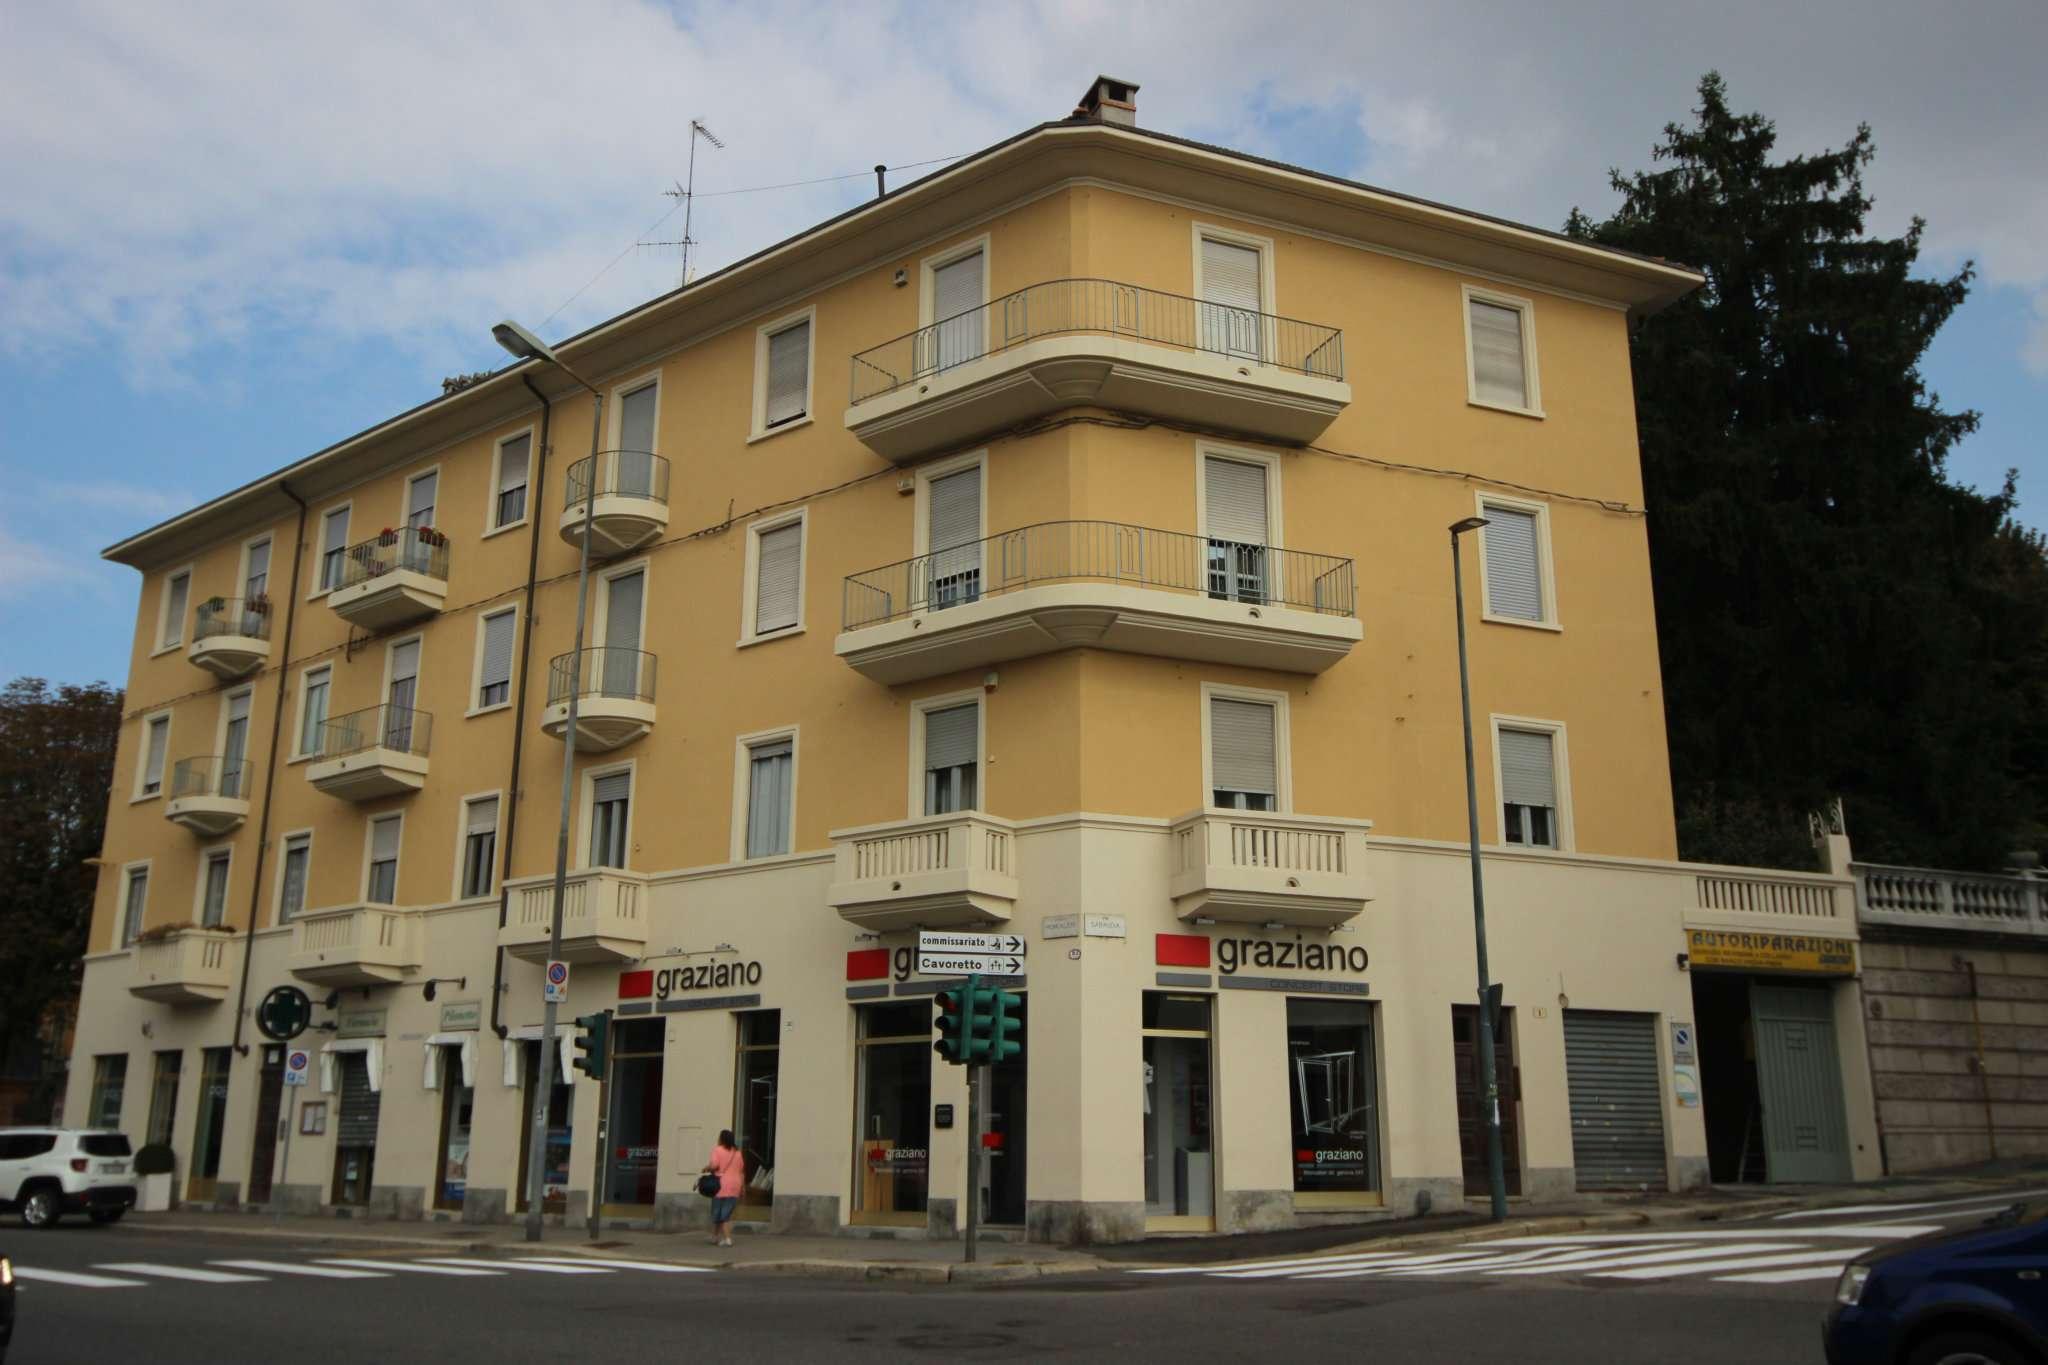 Negozio / Locale in affitto a Torino, 2 locali, zona Zona: 1 . Centro, Quadrilatero Romano, Repubblica, Giardini Reali, prezzo € 450 | CambioCasa.it